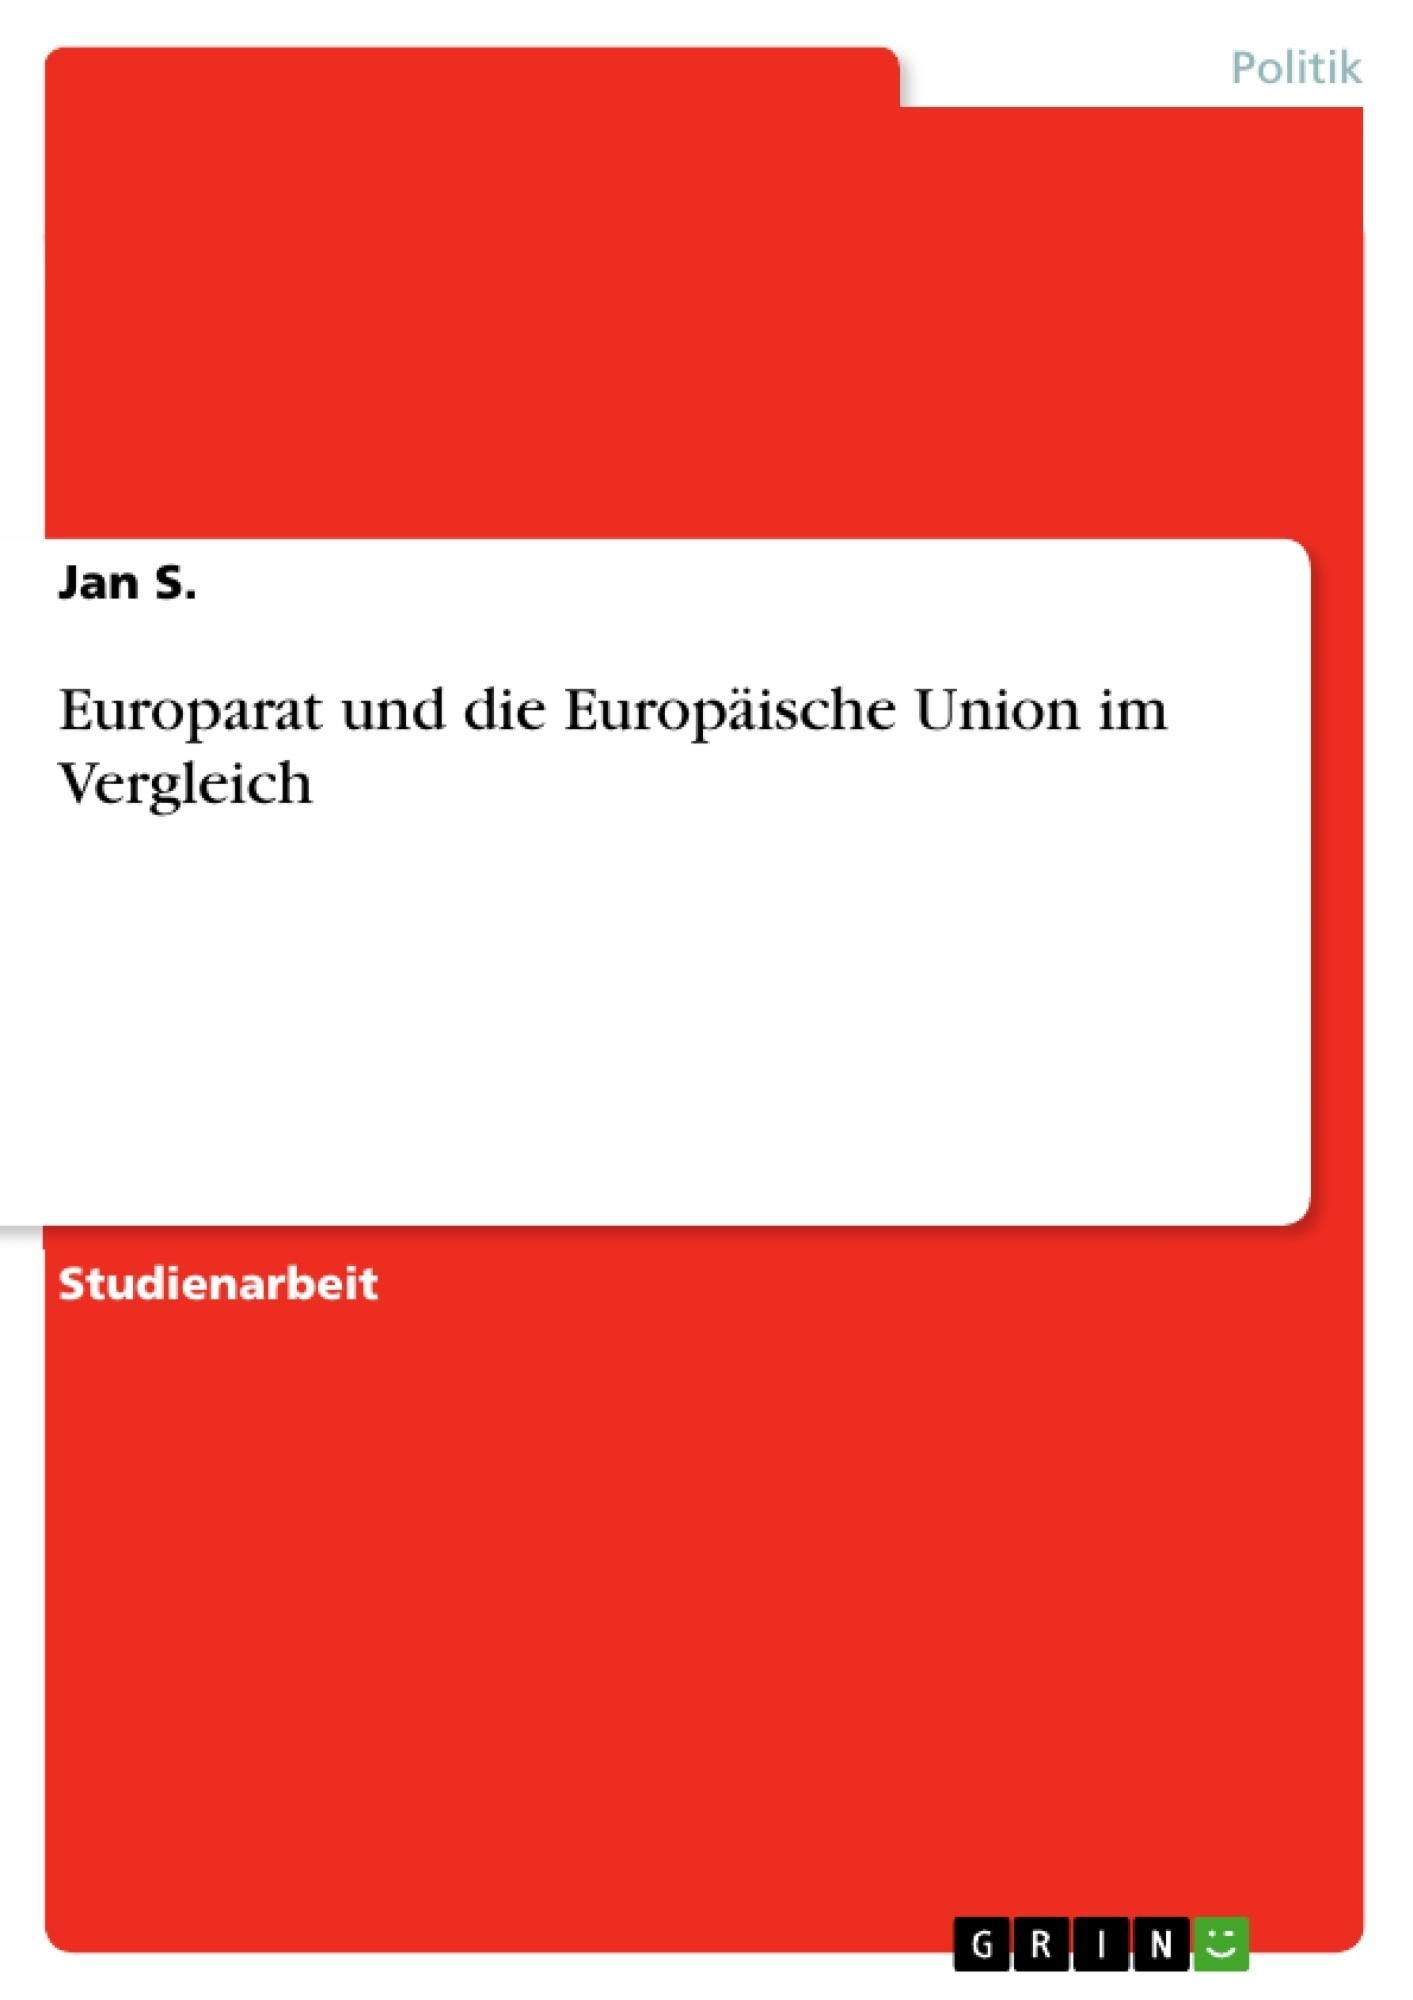 Titel: Europarat und die Europäische Union im Vergleich